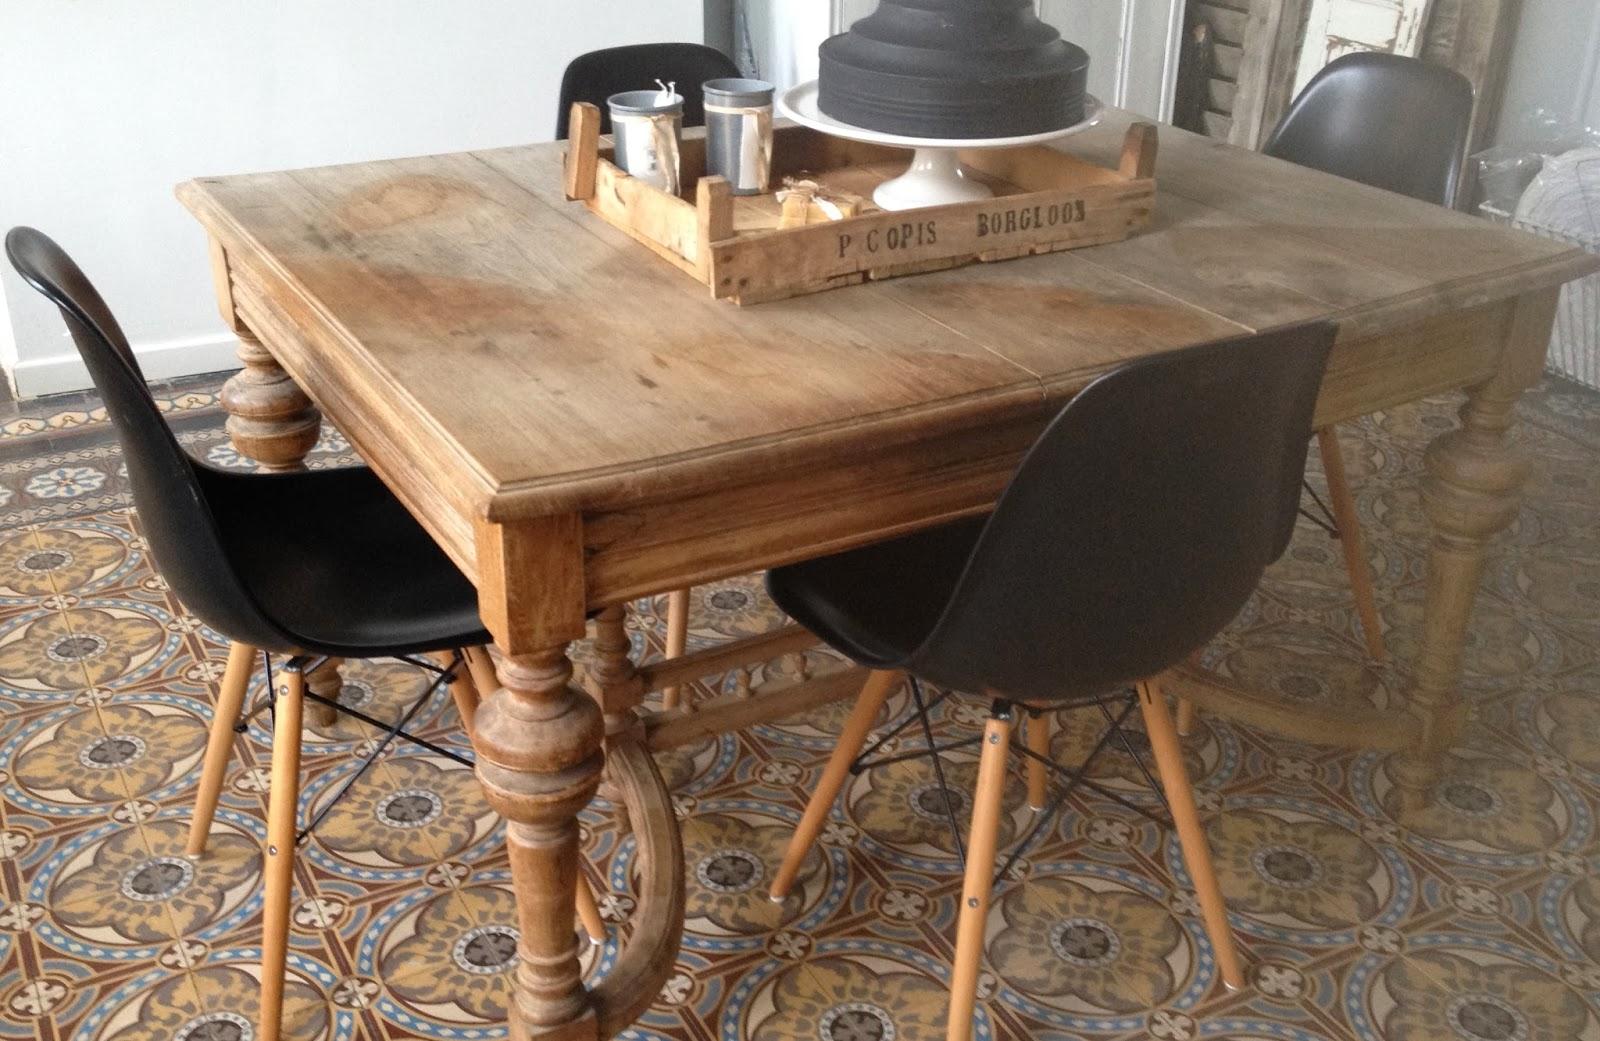 Jadis et nagu re trop contente for Table ancienne et chaises modernes